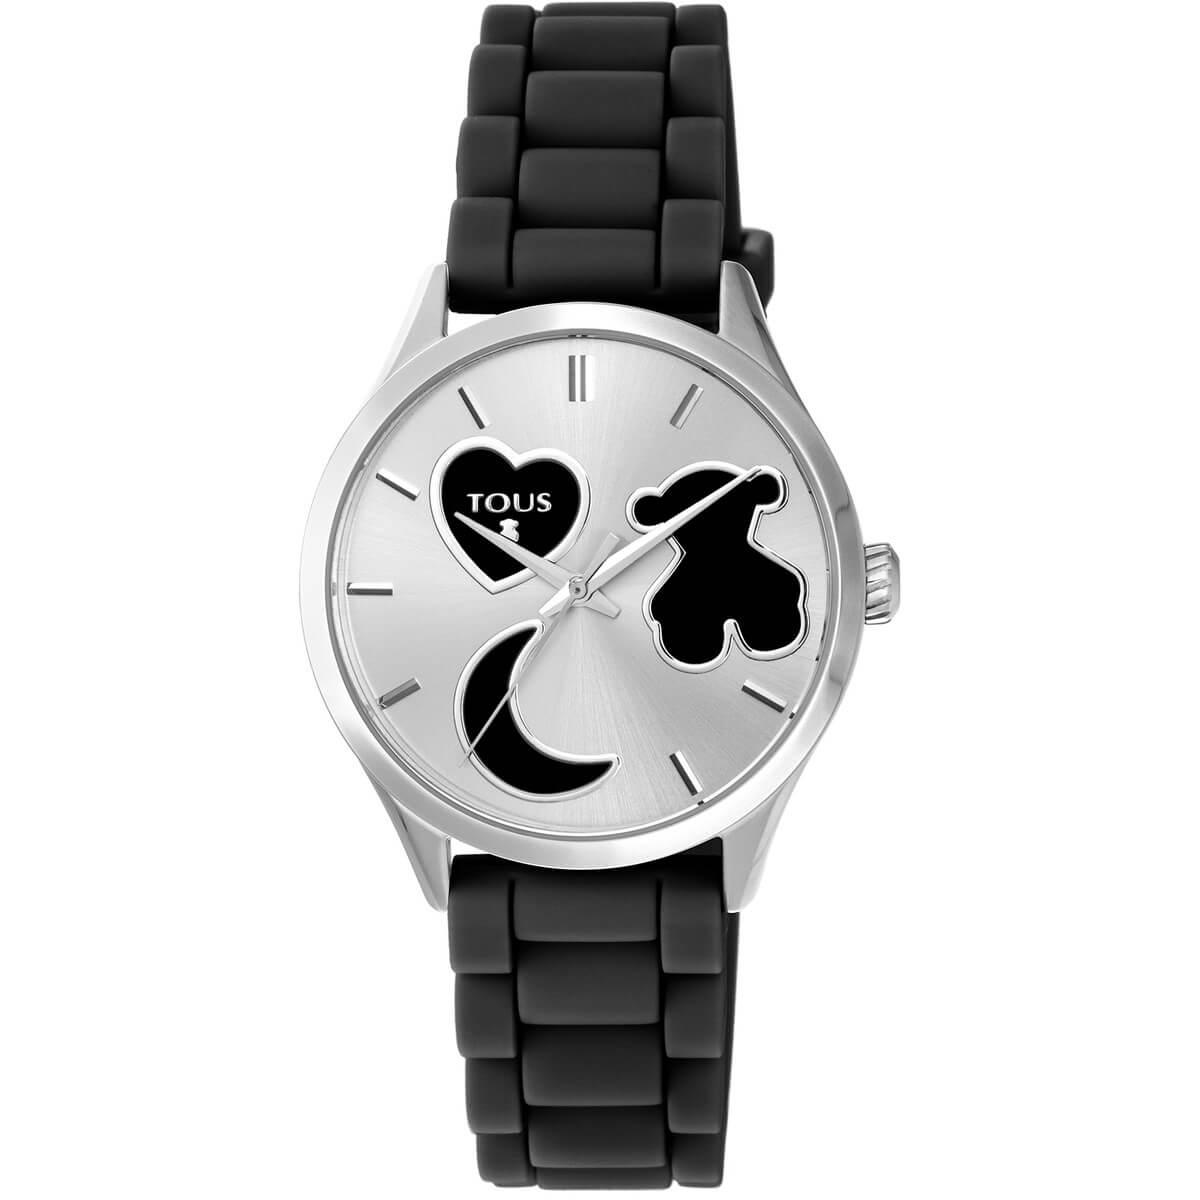 Reloj TOUS con correa de caucho y caja en acero de 37 mm de diametro. Resistente al agua hasta 50 metros. Fondo de la esfera con un corazón un oso y una media luna.